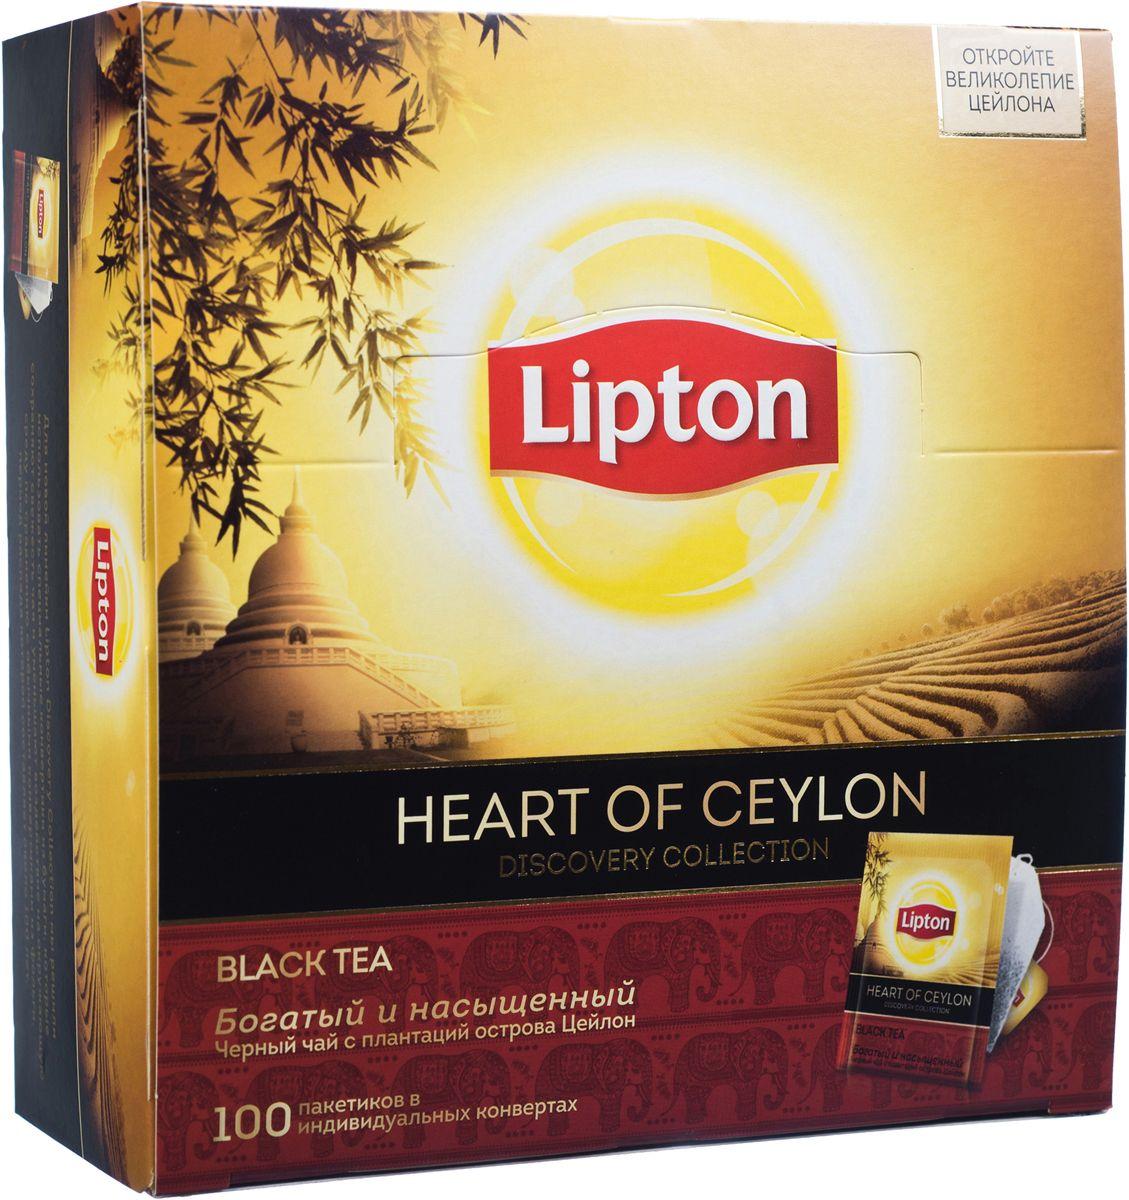 Lipton Черный чай Heart of ceylon 100 шт0120710Классический черный чай Lipton Heart of Ceylon с острова Цейлон с красно-янтарным оттенком настоя откроет великолепие жемчужины Индийского океана. Нежные чайные листочки, выращенные под теплыми лучами солнца, дарят чаю Lipton насыщенный вкус и превосходный богатый аромат.Секрет чая Lipton - многолетний опыт в купажировании чая и новые технологии, которые позволяют дополнительно обогащать чай натуральным соком из свежих чайных листьев.